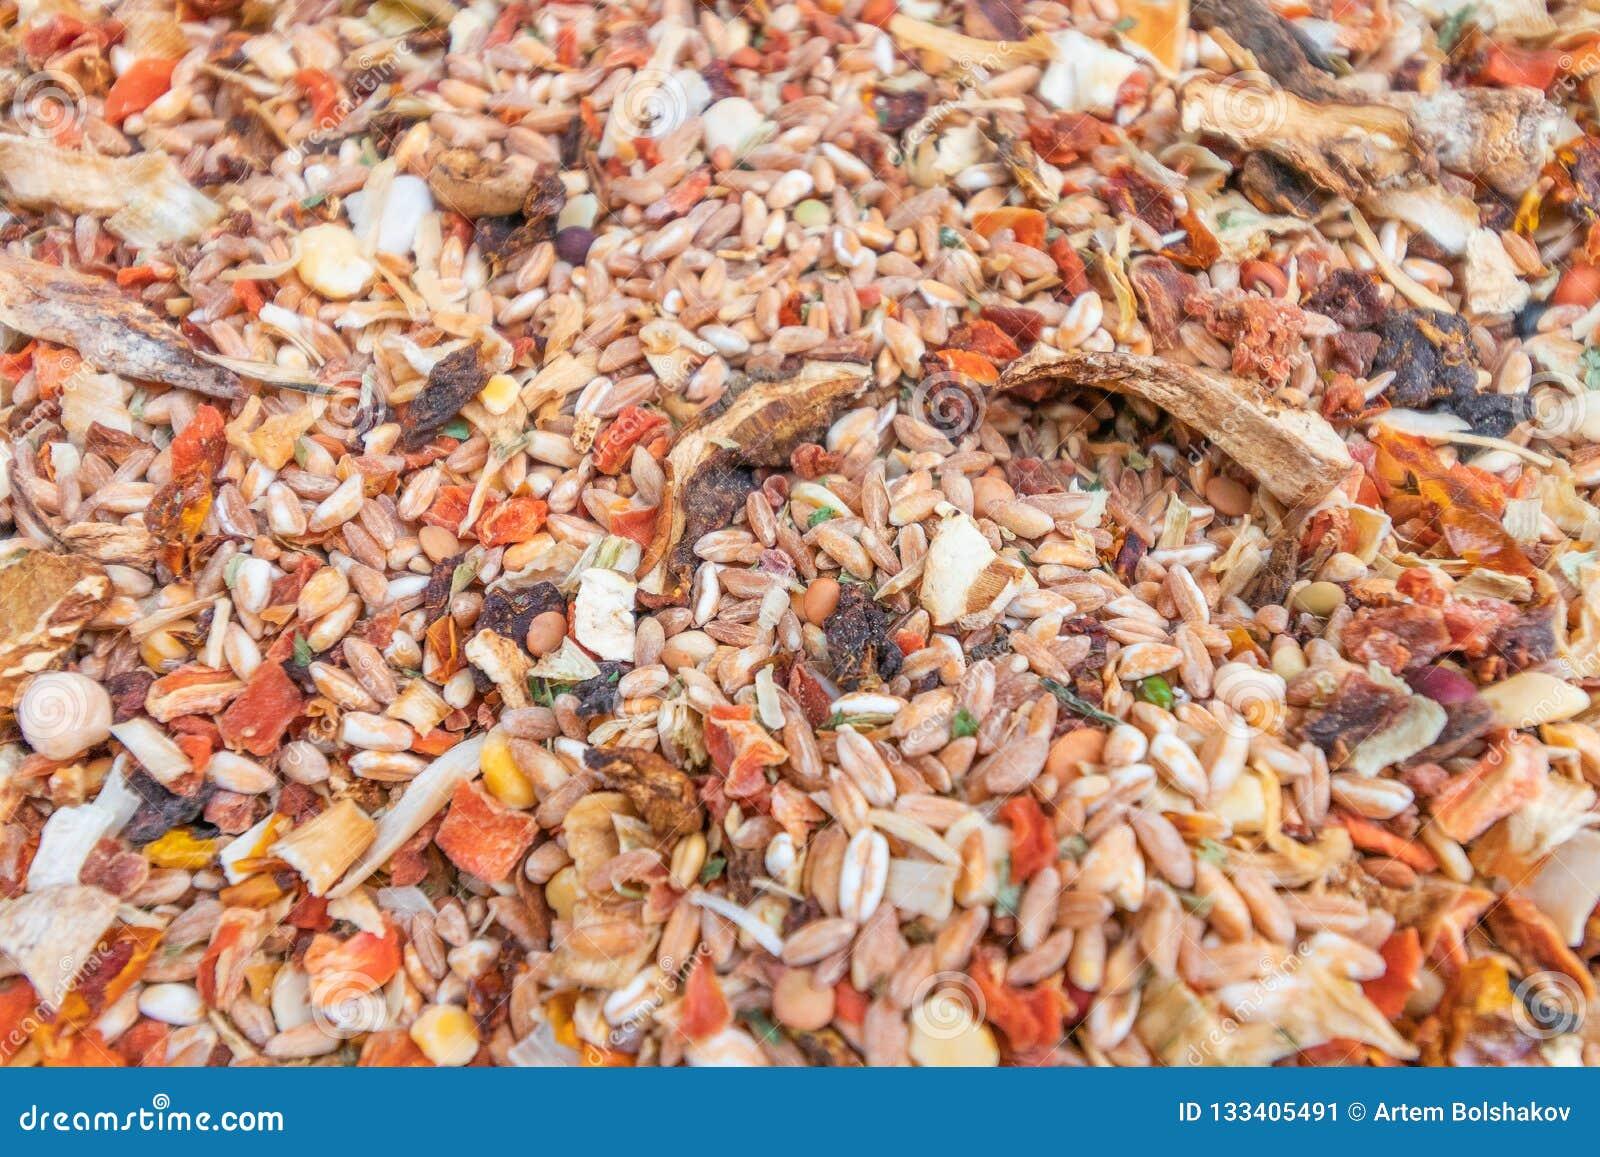 Mélange de différentes céréales en plus des légumes secs et